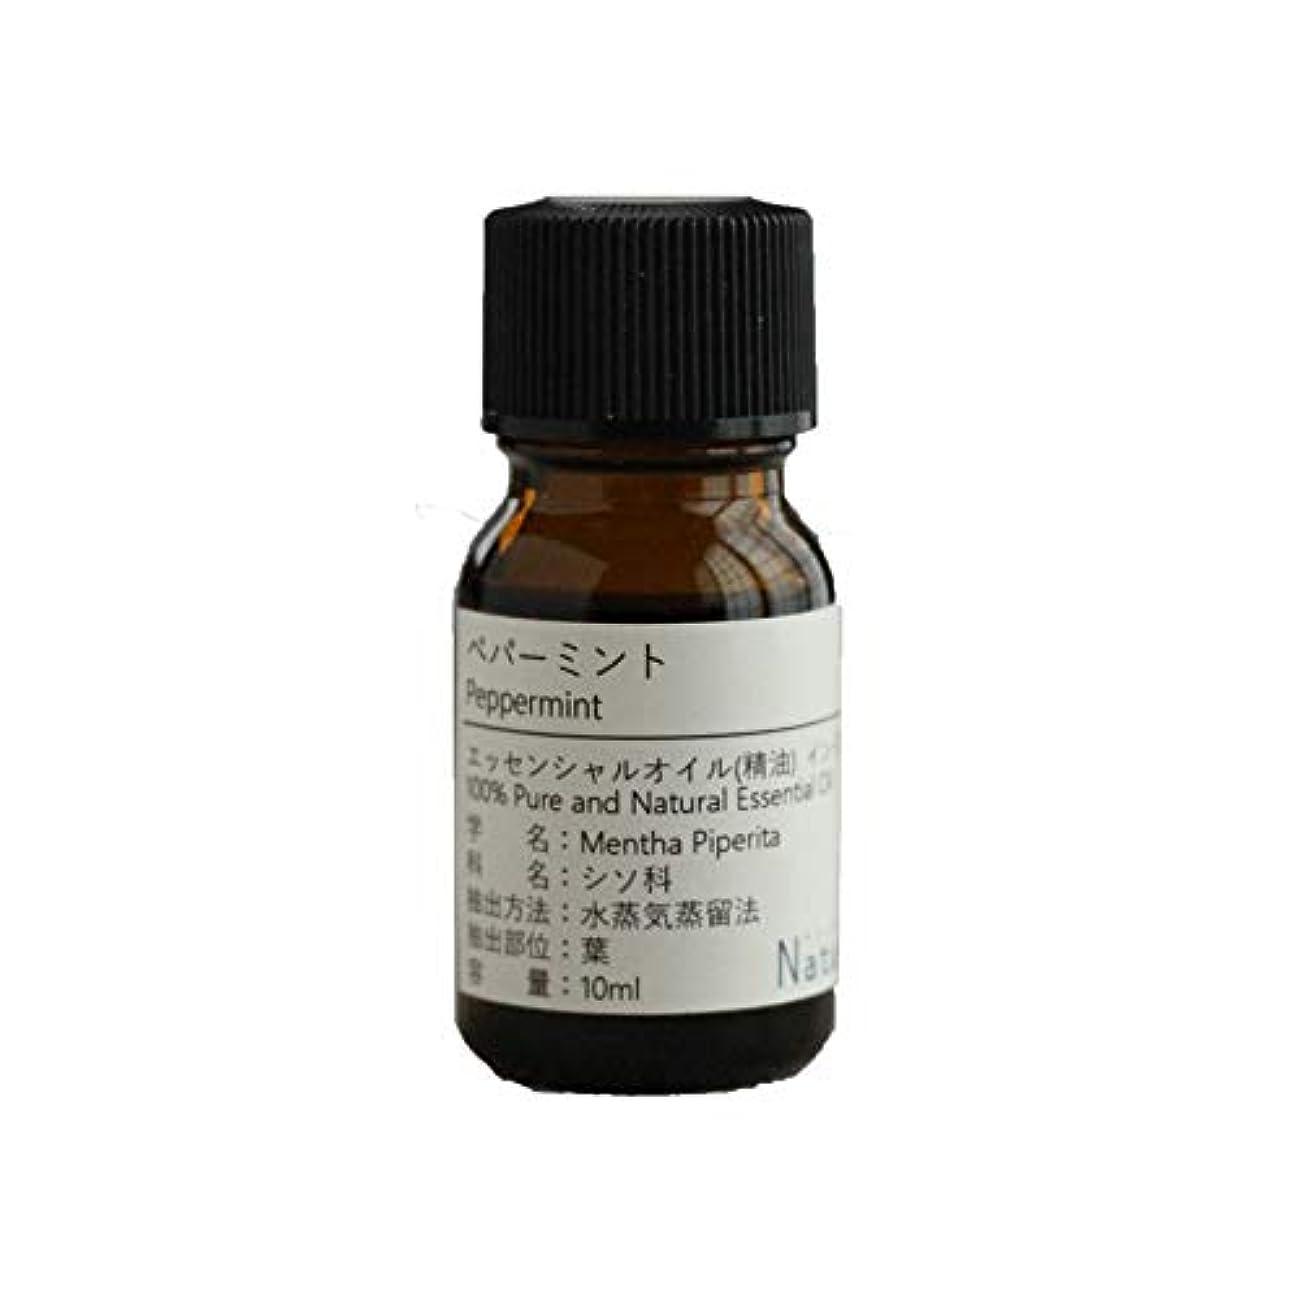 重要性哲学博士好むNatural蒼 ペパーミント/エッセンシャルオイル 精油天然100% (30ml)